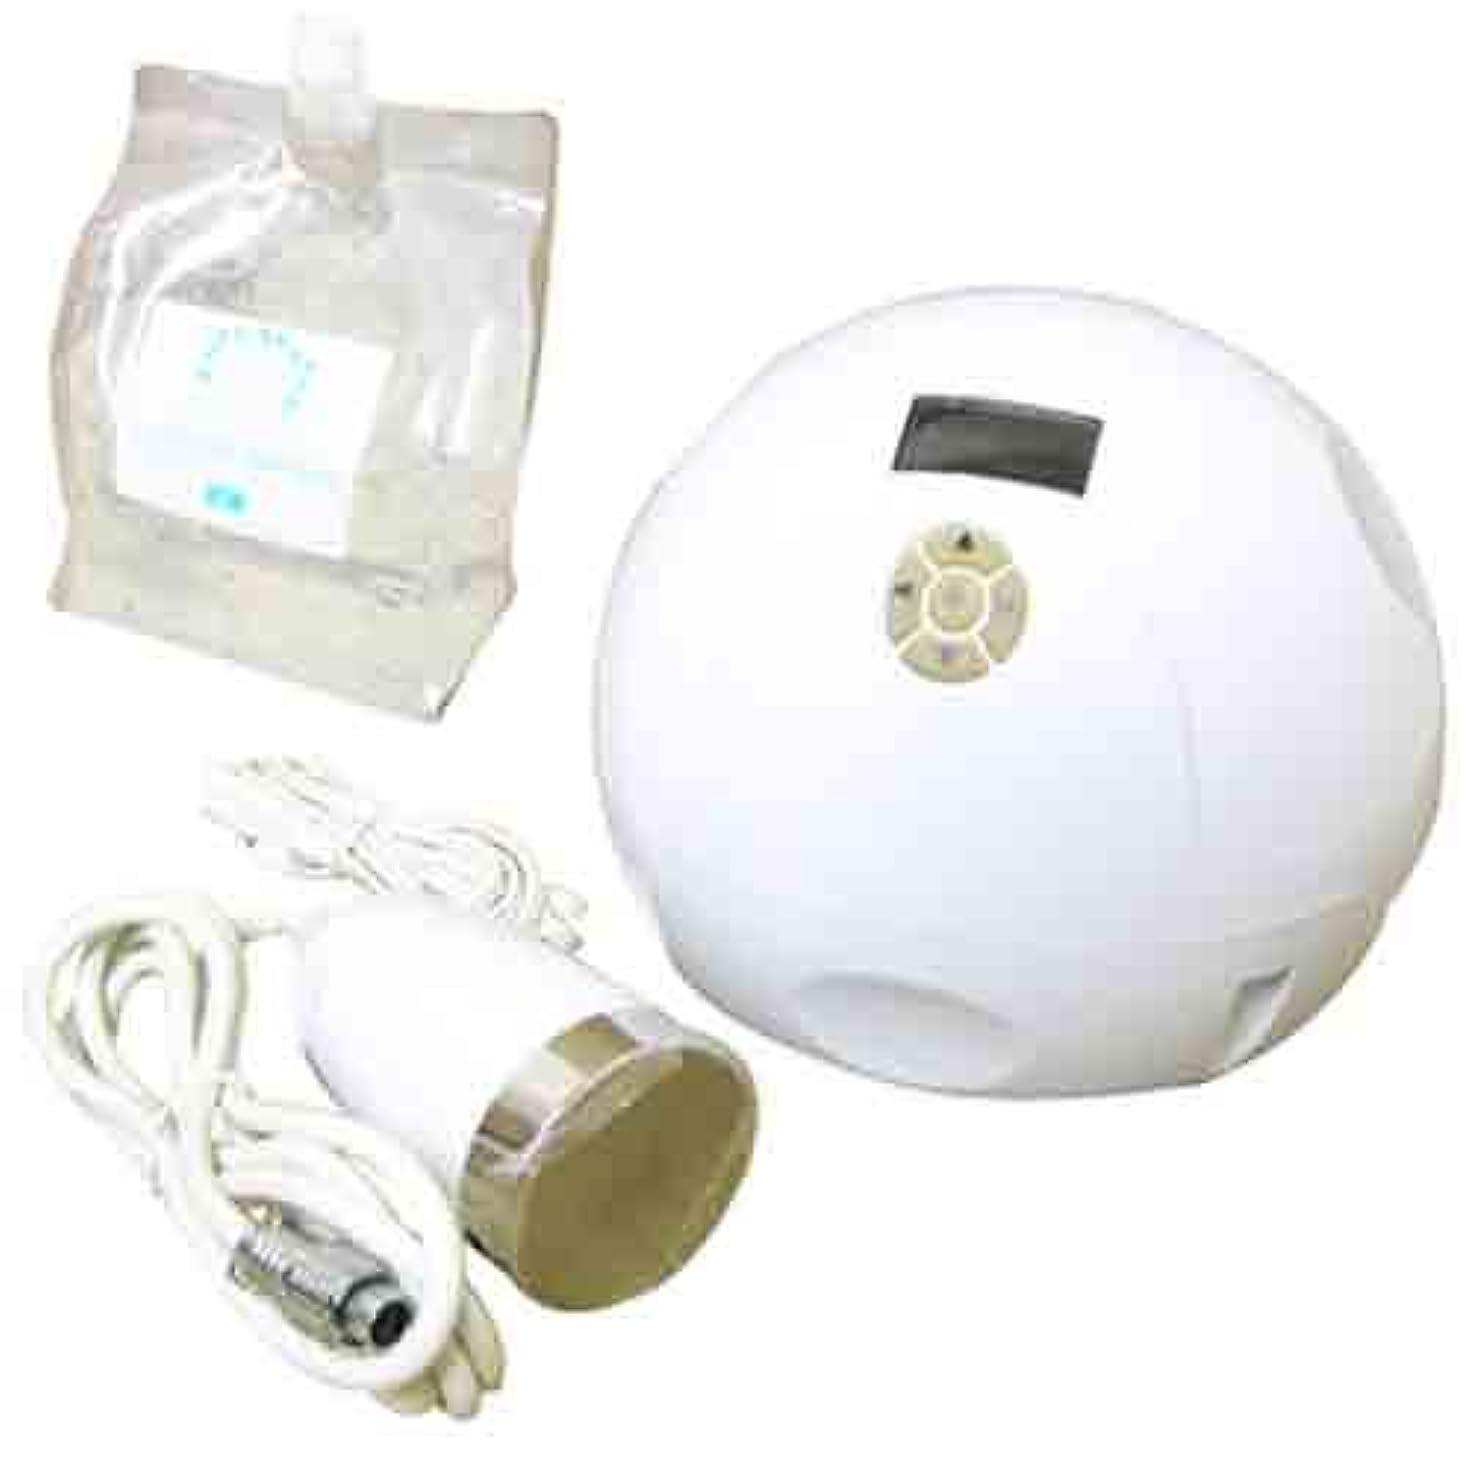 里親準備獲物家庭用美容器キャビテーション mini-MAX+キャビ&フラッシュジェル〈スーパーハード〉3L付き